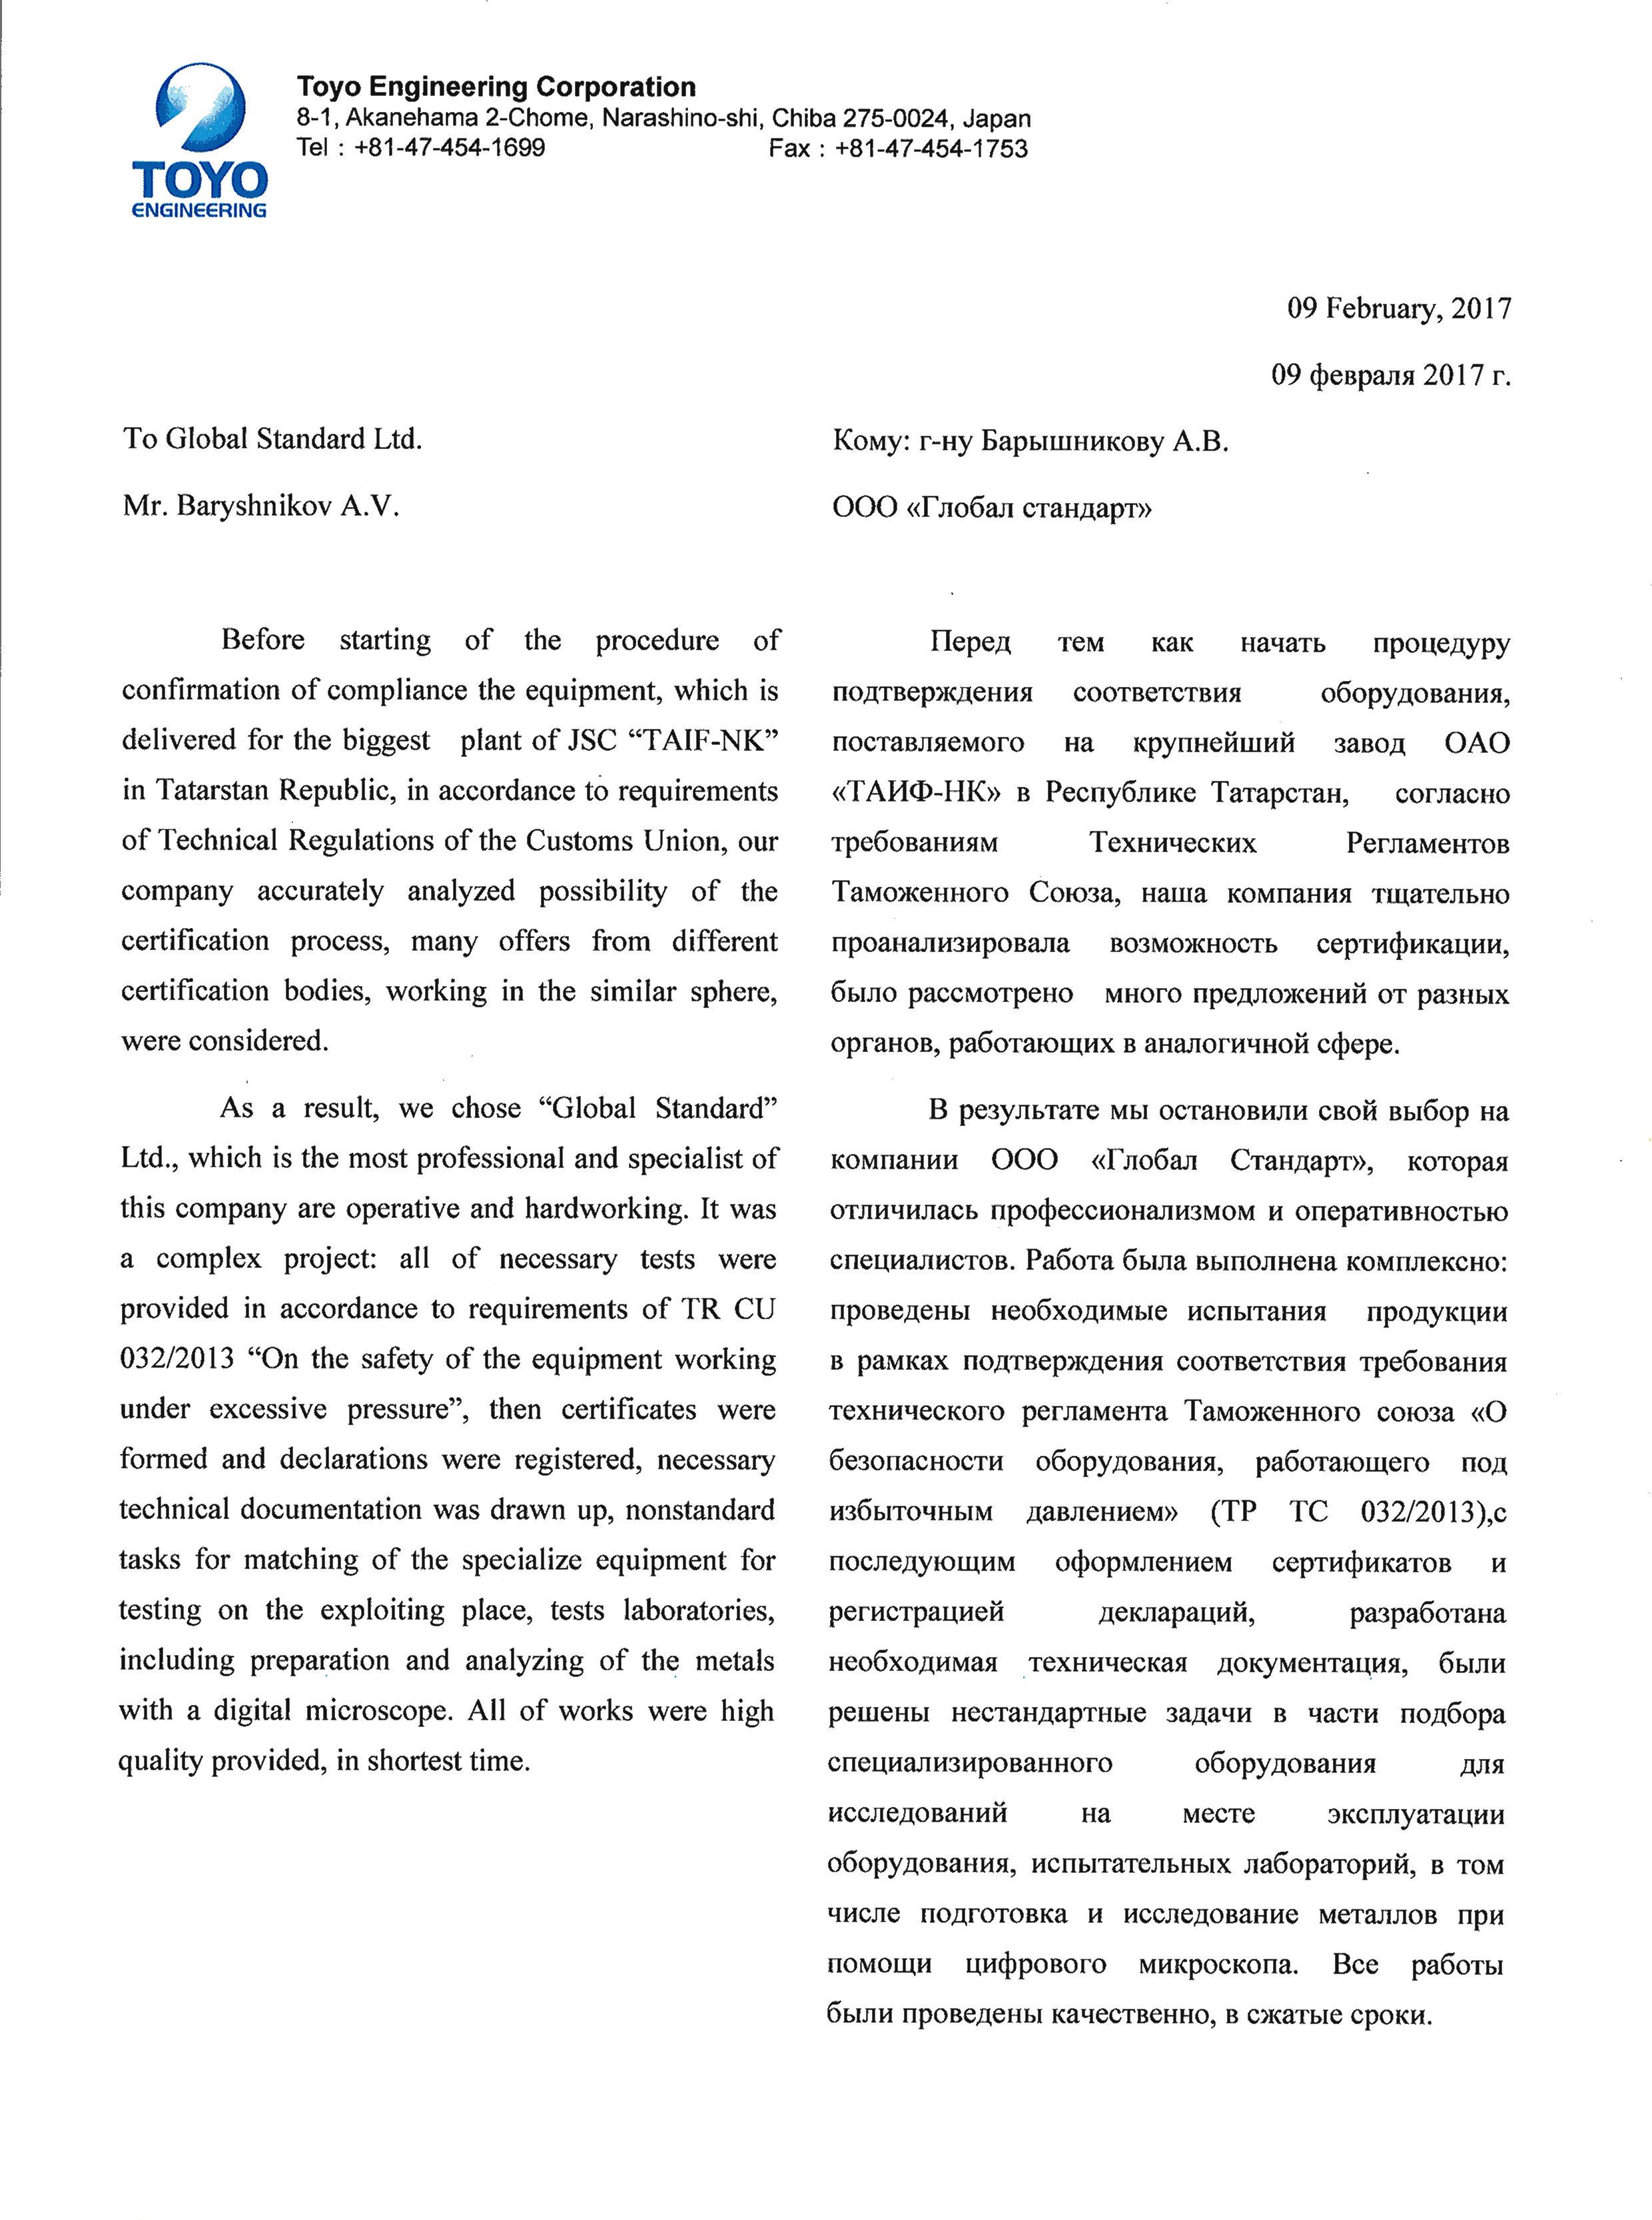 Благодарственное письмо TOYO_Engineering-1